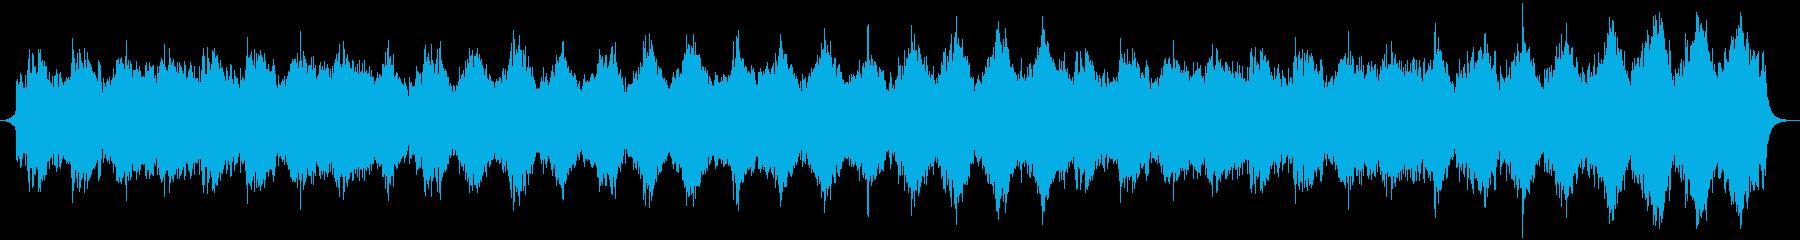 現代的 交響曲 モダン 室内楽 広...の再生済みの波形